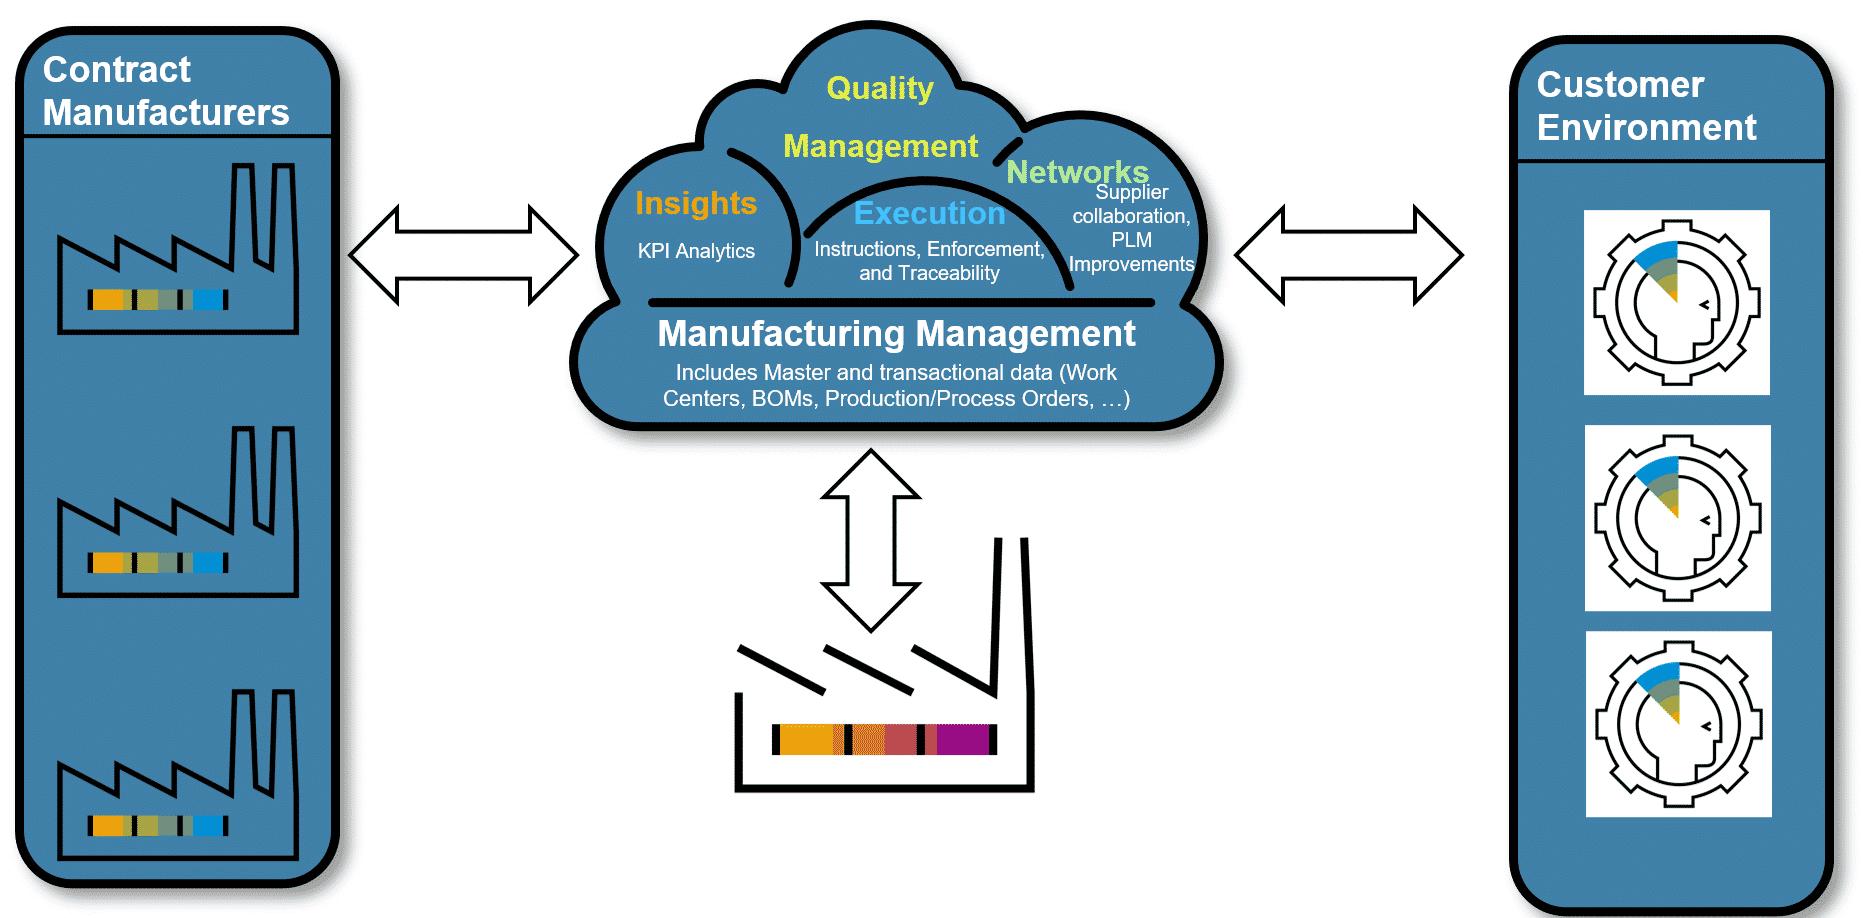 Tại sao chọn giải pháp SAP cho ngành sản xuất